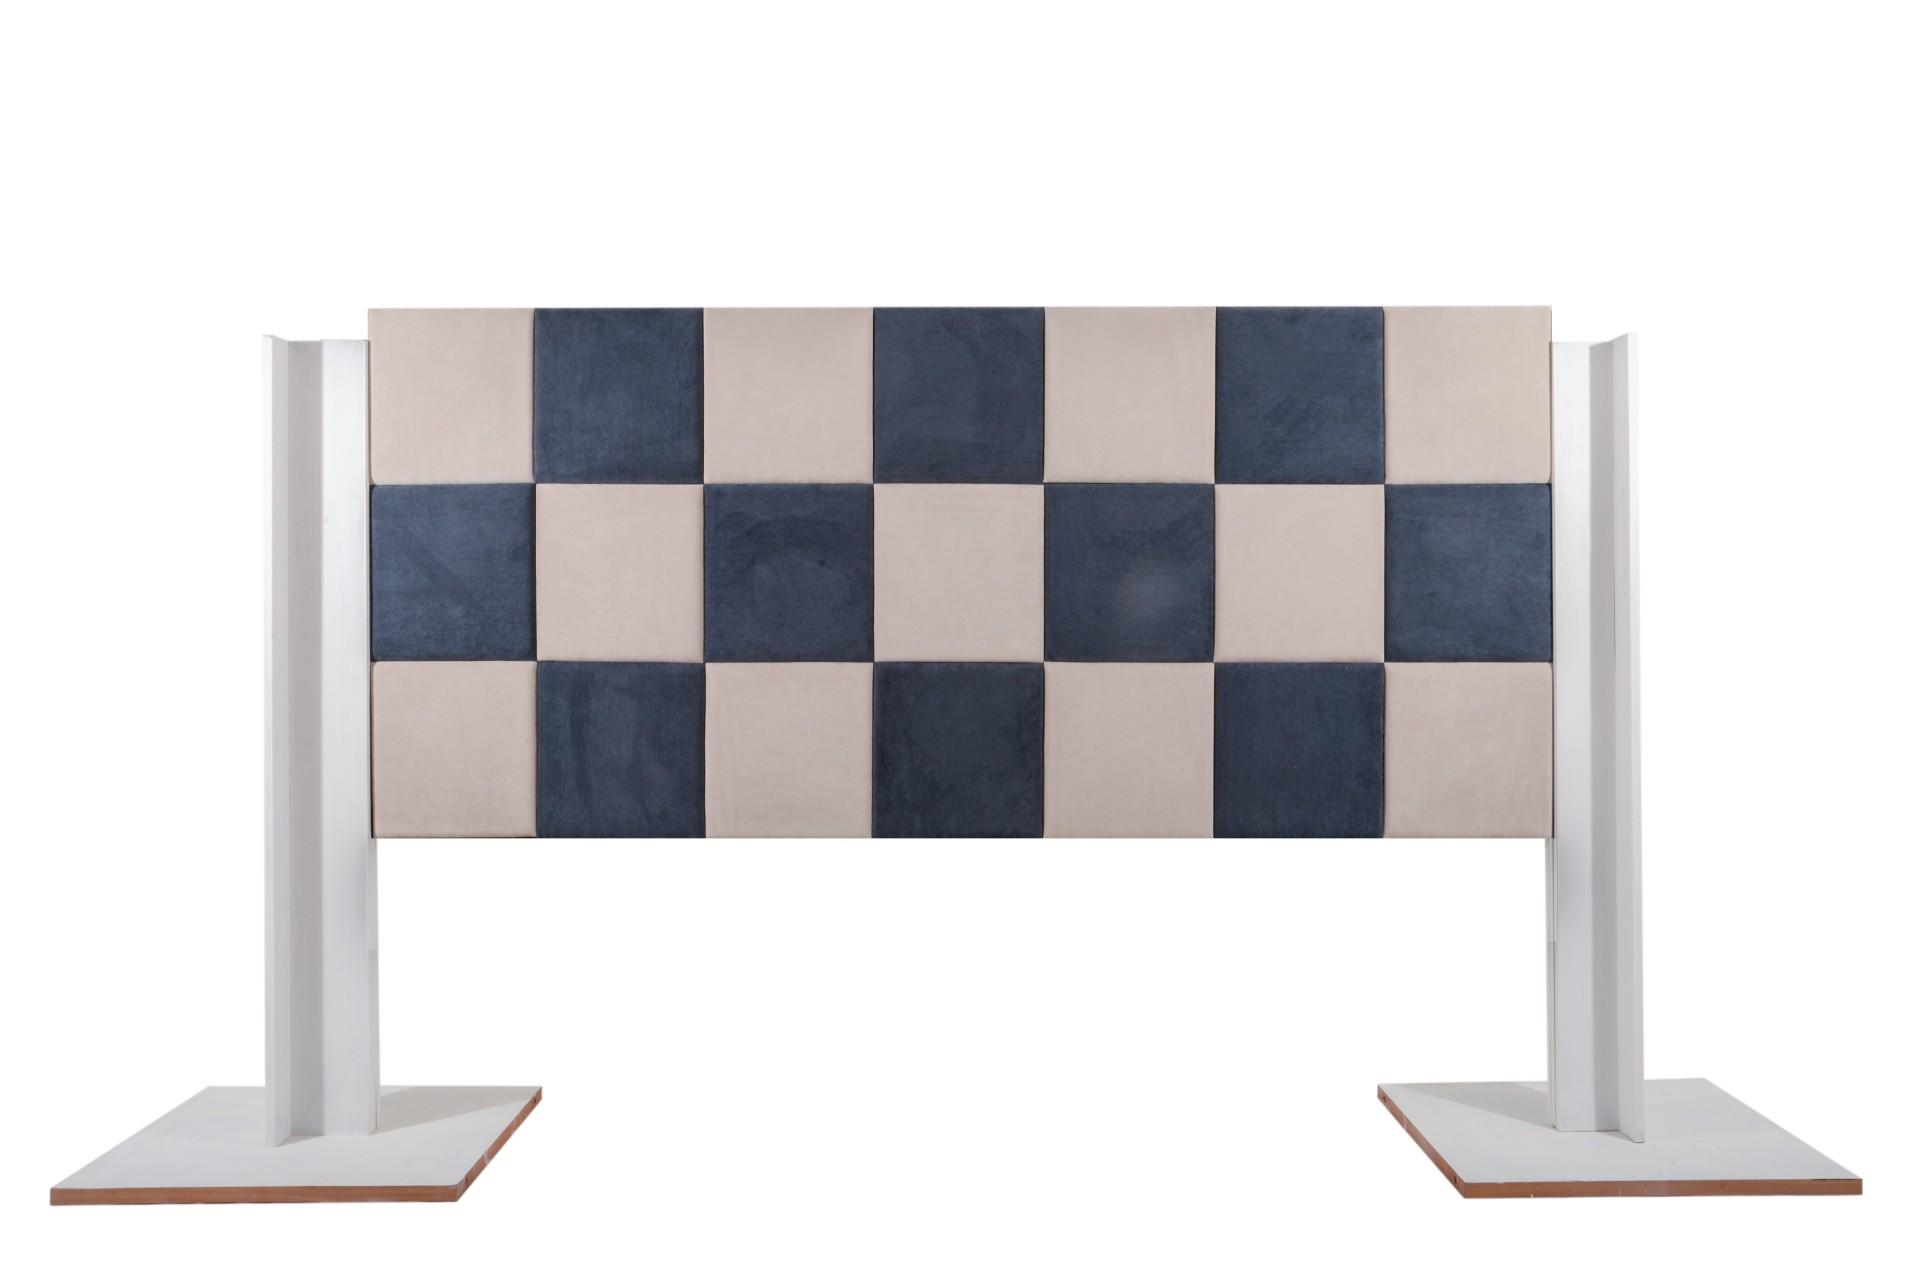 Kit piastrelle adesive murales 210 90 cm for Decorazioni adesive piastrelle